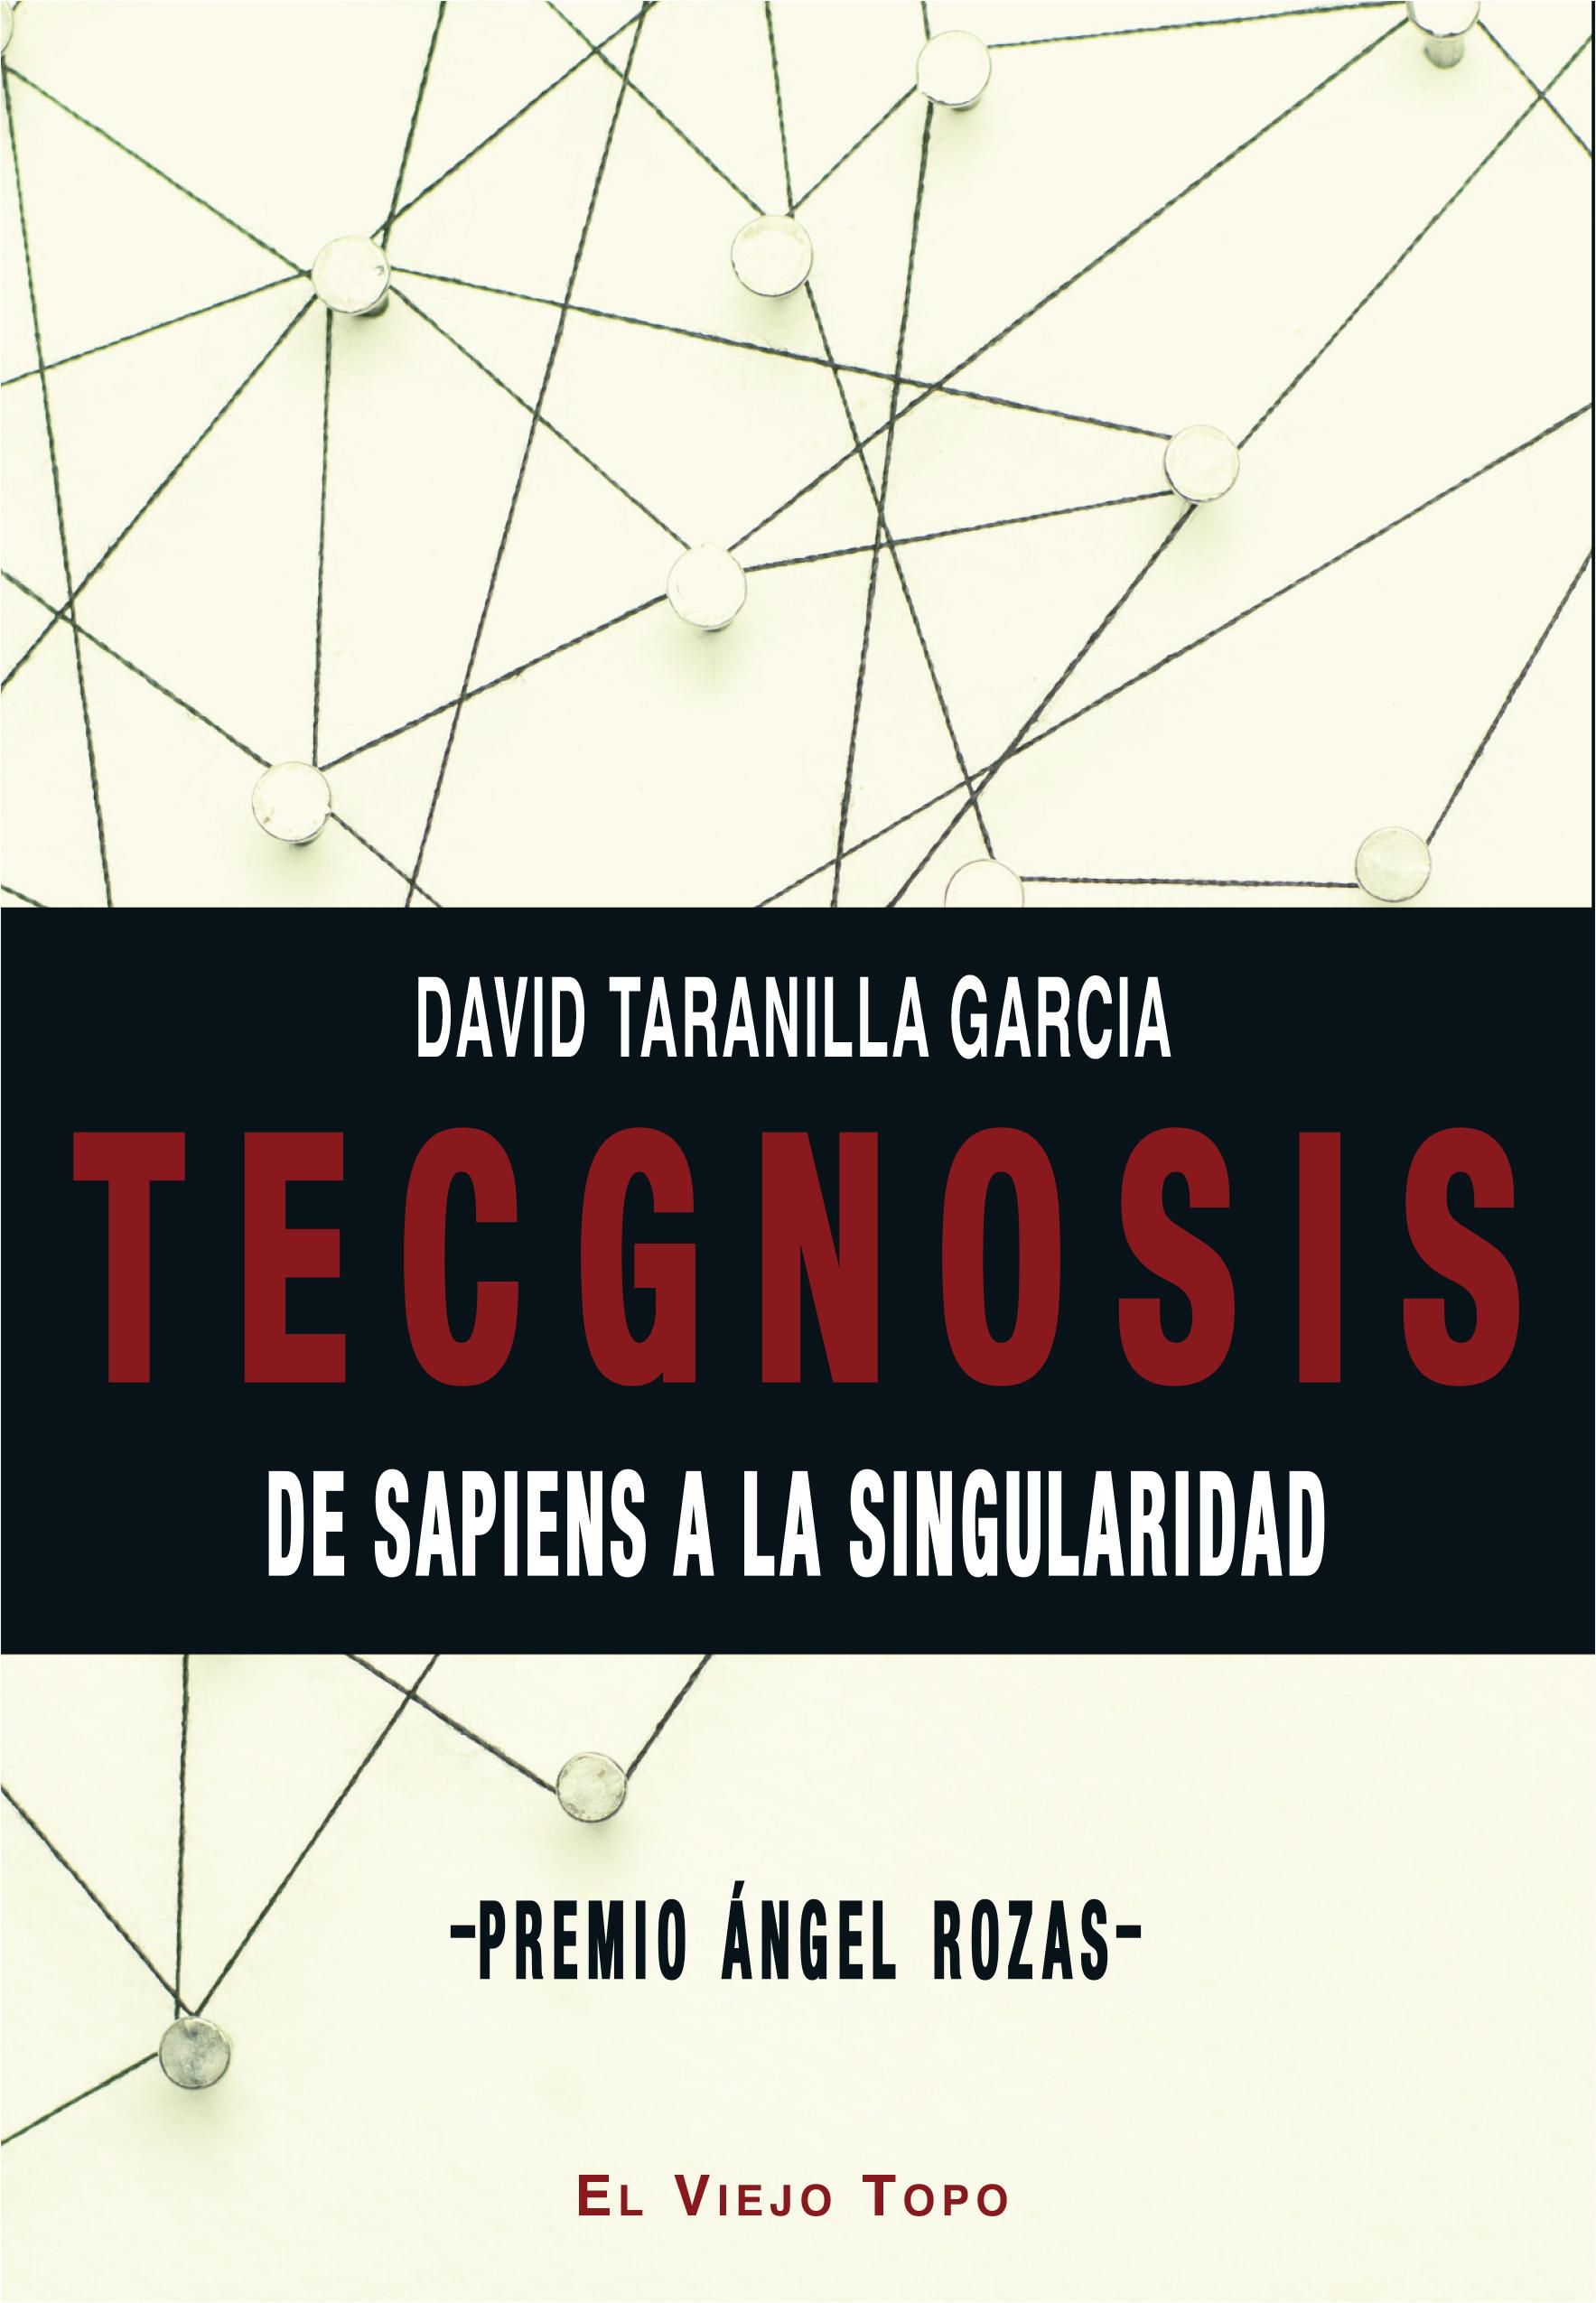 Tecgnosis   «De sapiens a la singularidad»